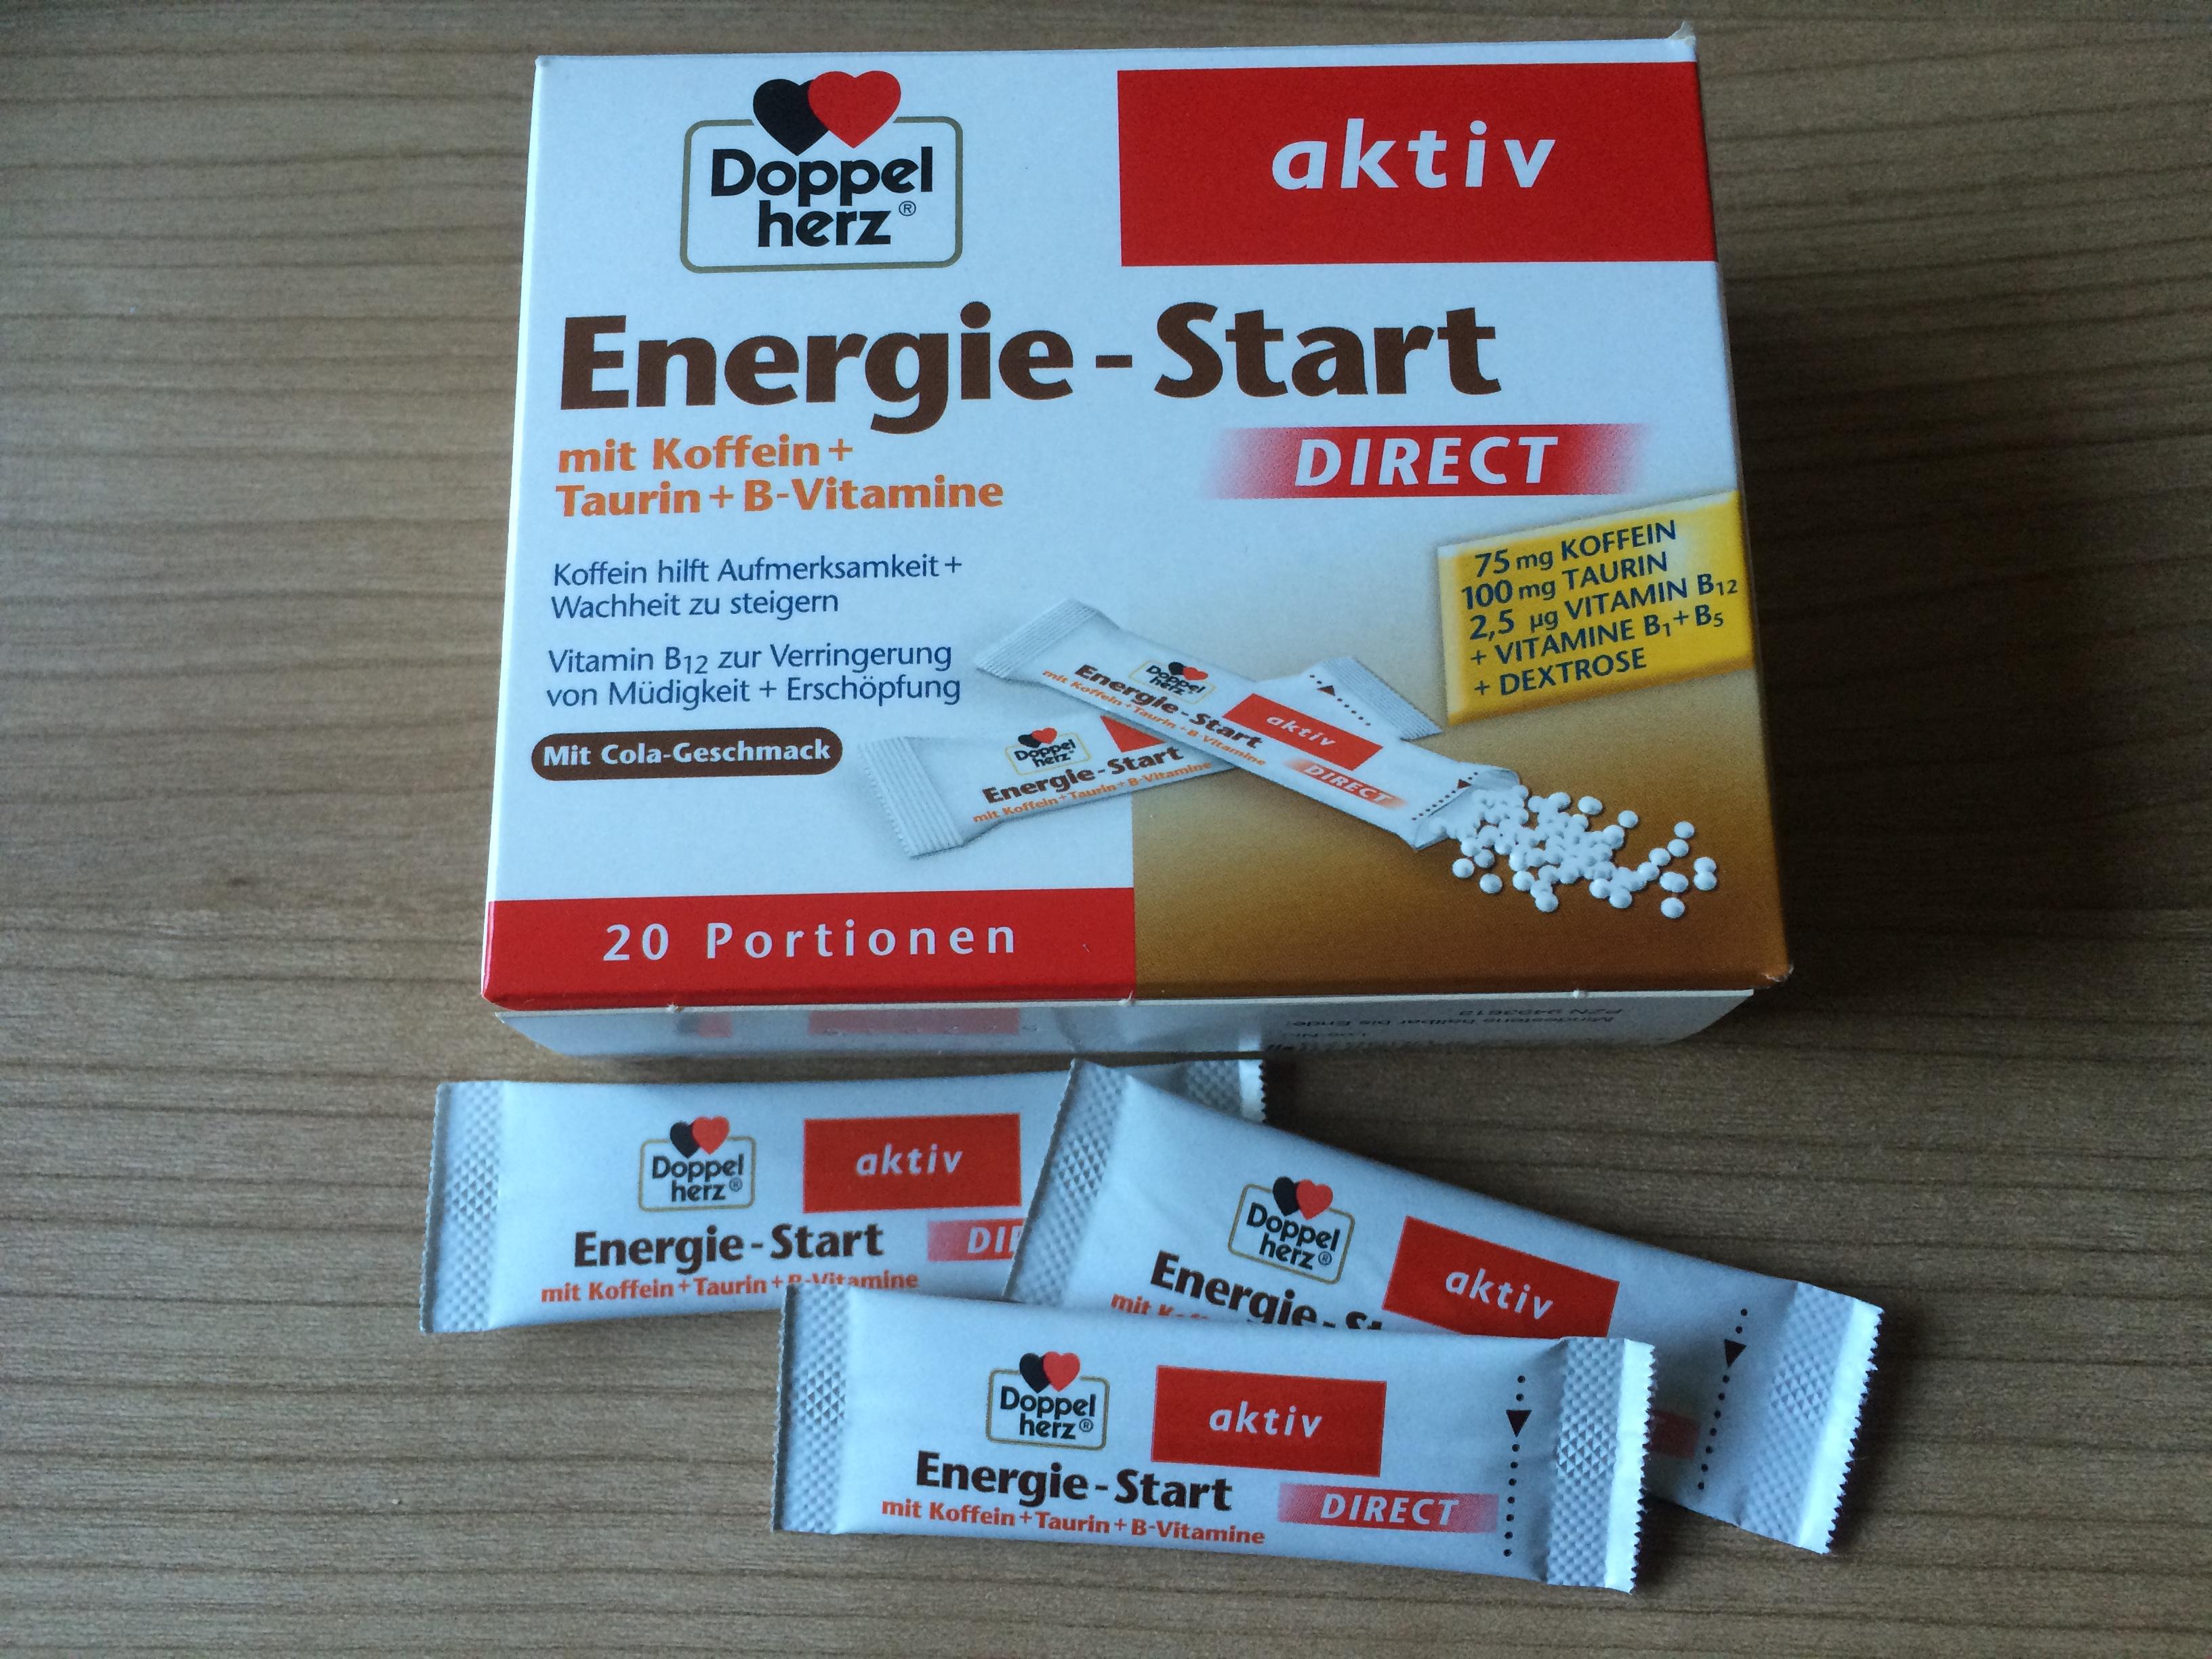 Doppelherz Energie-Start aktiv Packung Probenqueen